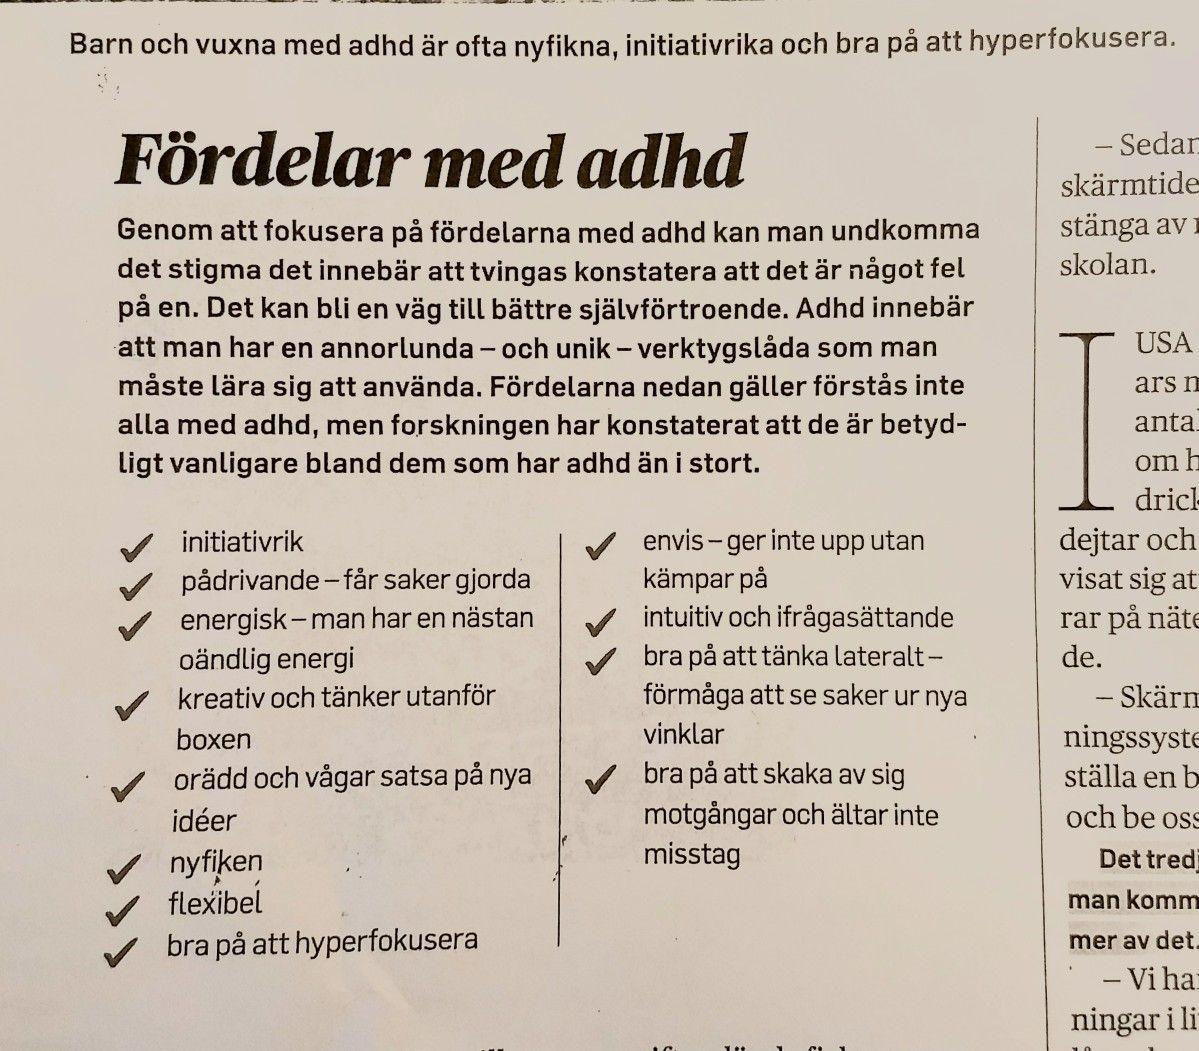 Spa i västra götaland vedio porno